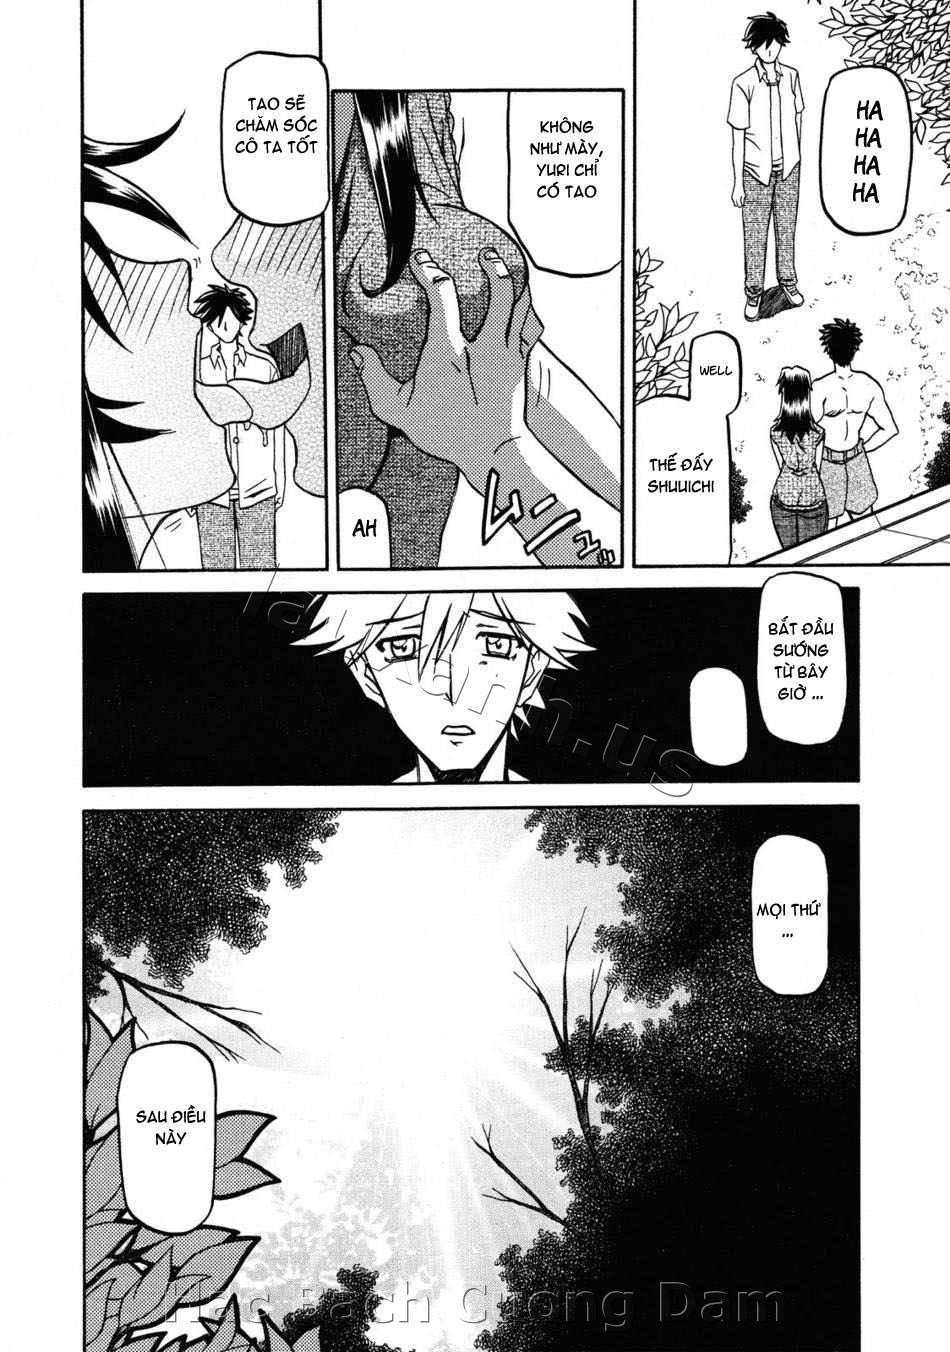 Hình ảnh hentailxers.blogspot.com0137 trong bài viết Manga H Sayuki no Sato